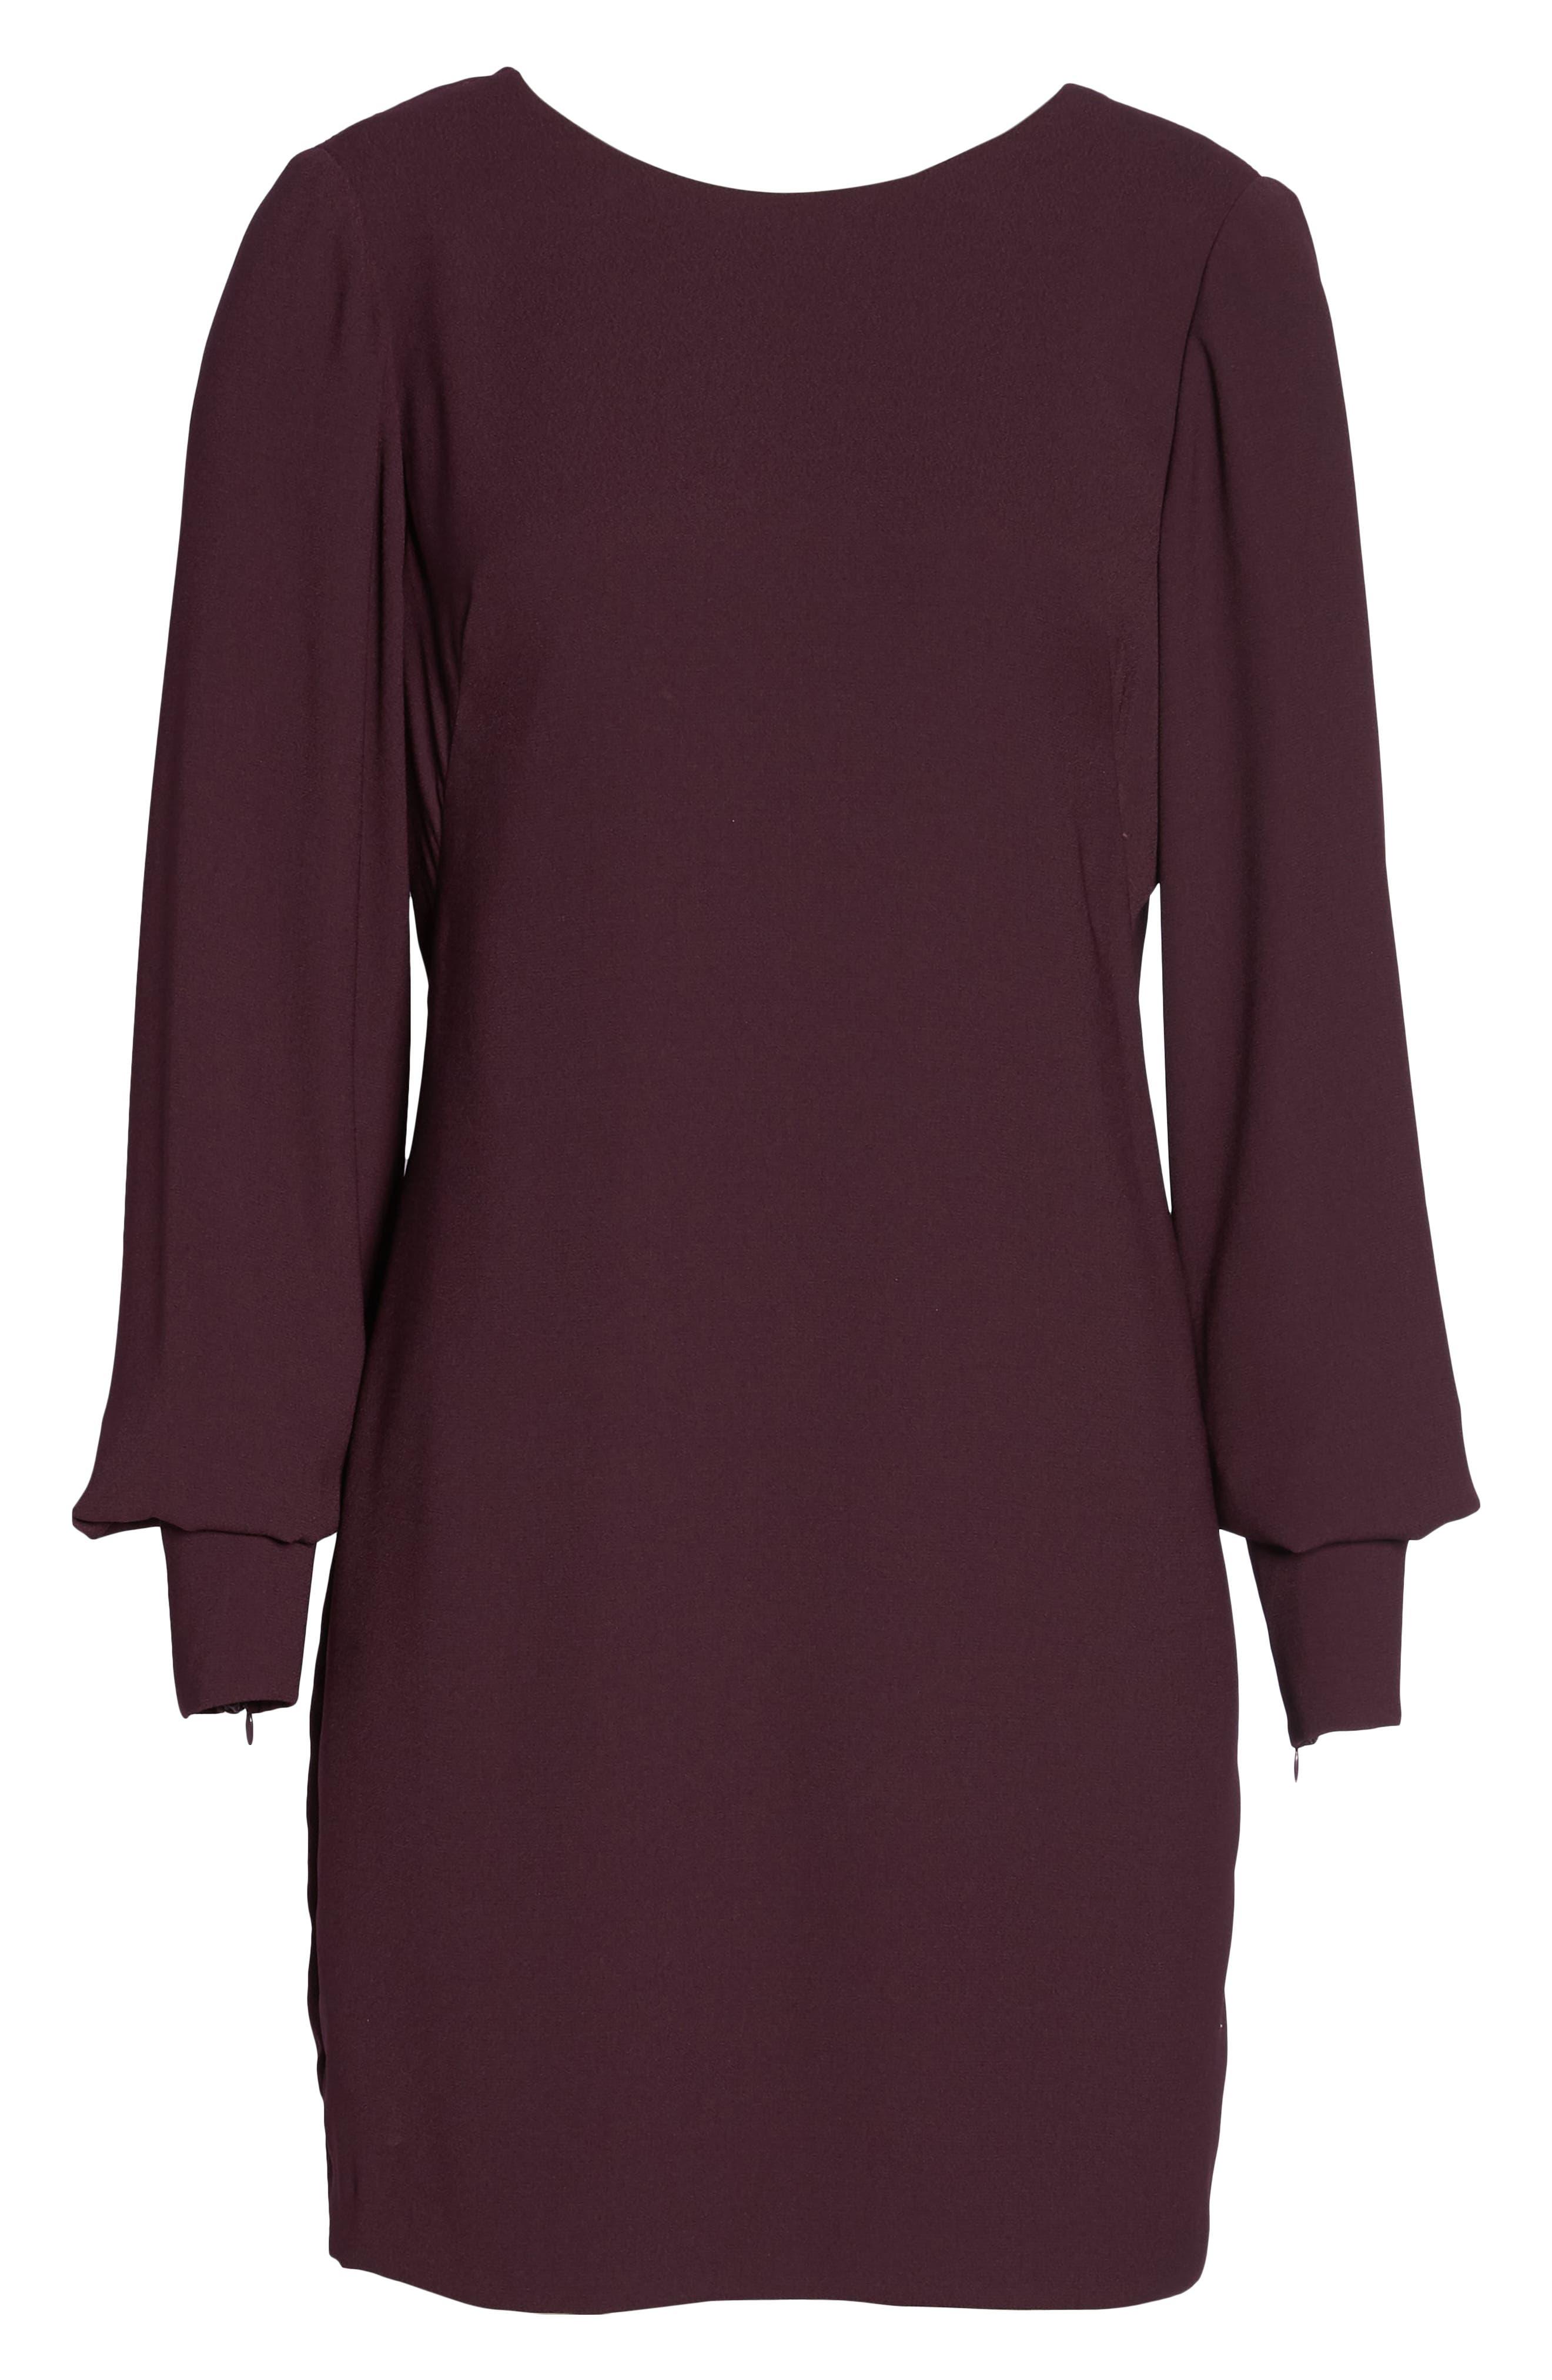 V-Back Shift Dress,                             Alternate thumbnail 11, color,                             Burgundy Stem